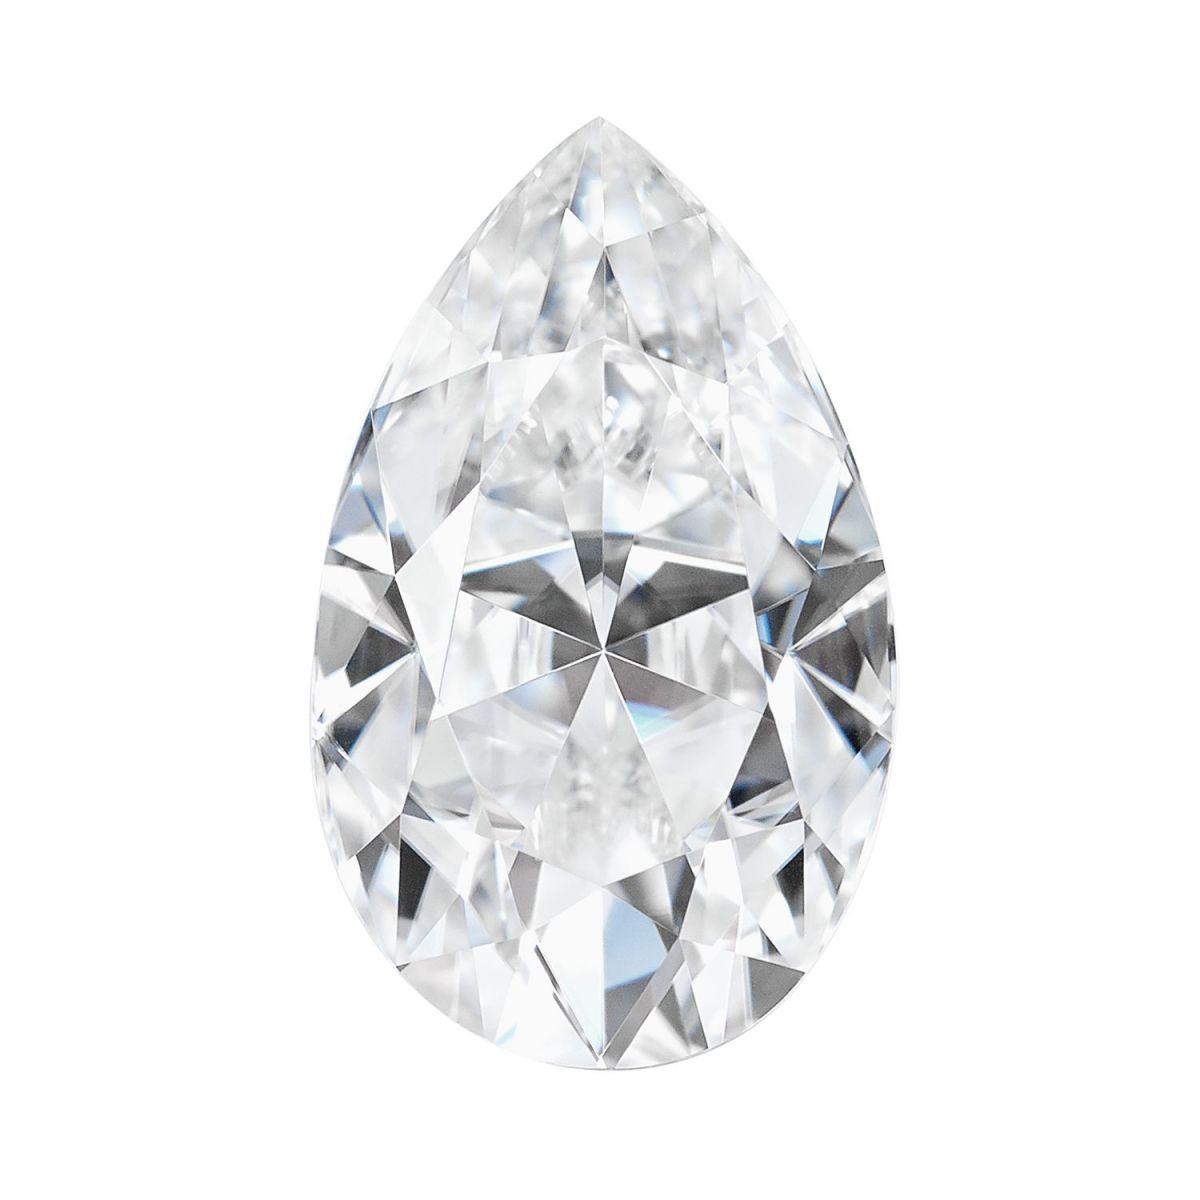 https://www.loveandpromisejewelers.com/media/catalog/product/cache/1b8ff75e92e9e3eb7d814fc024f6d8df/p/e/pear_moissanite_image_1.jpg